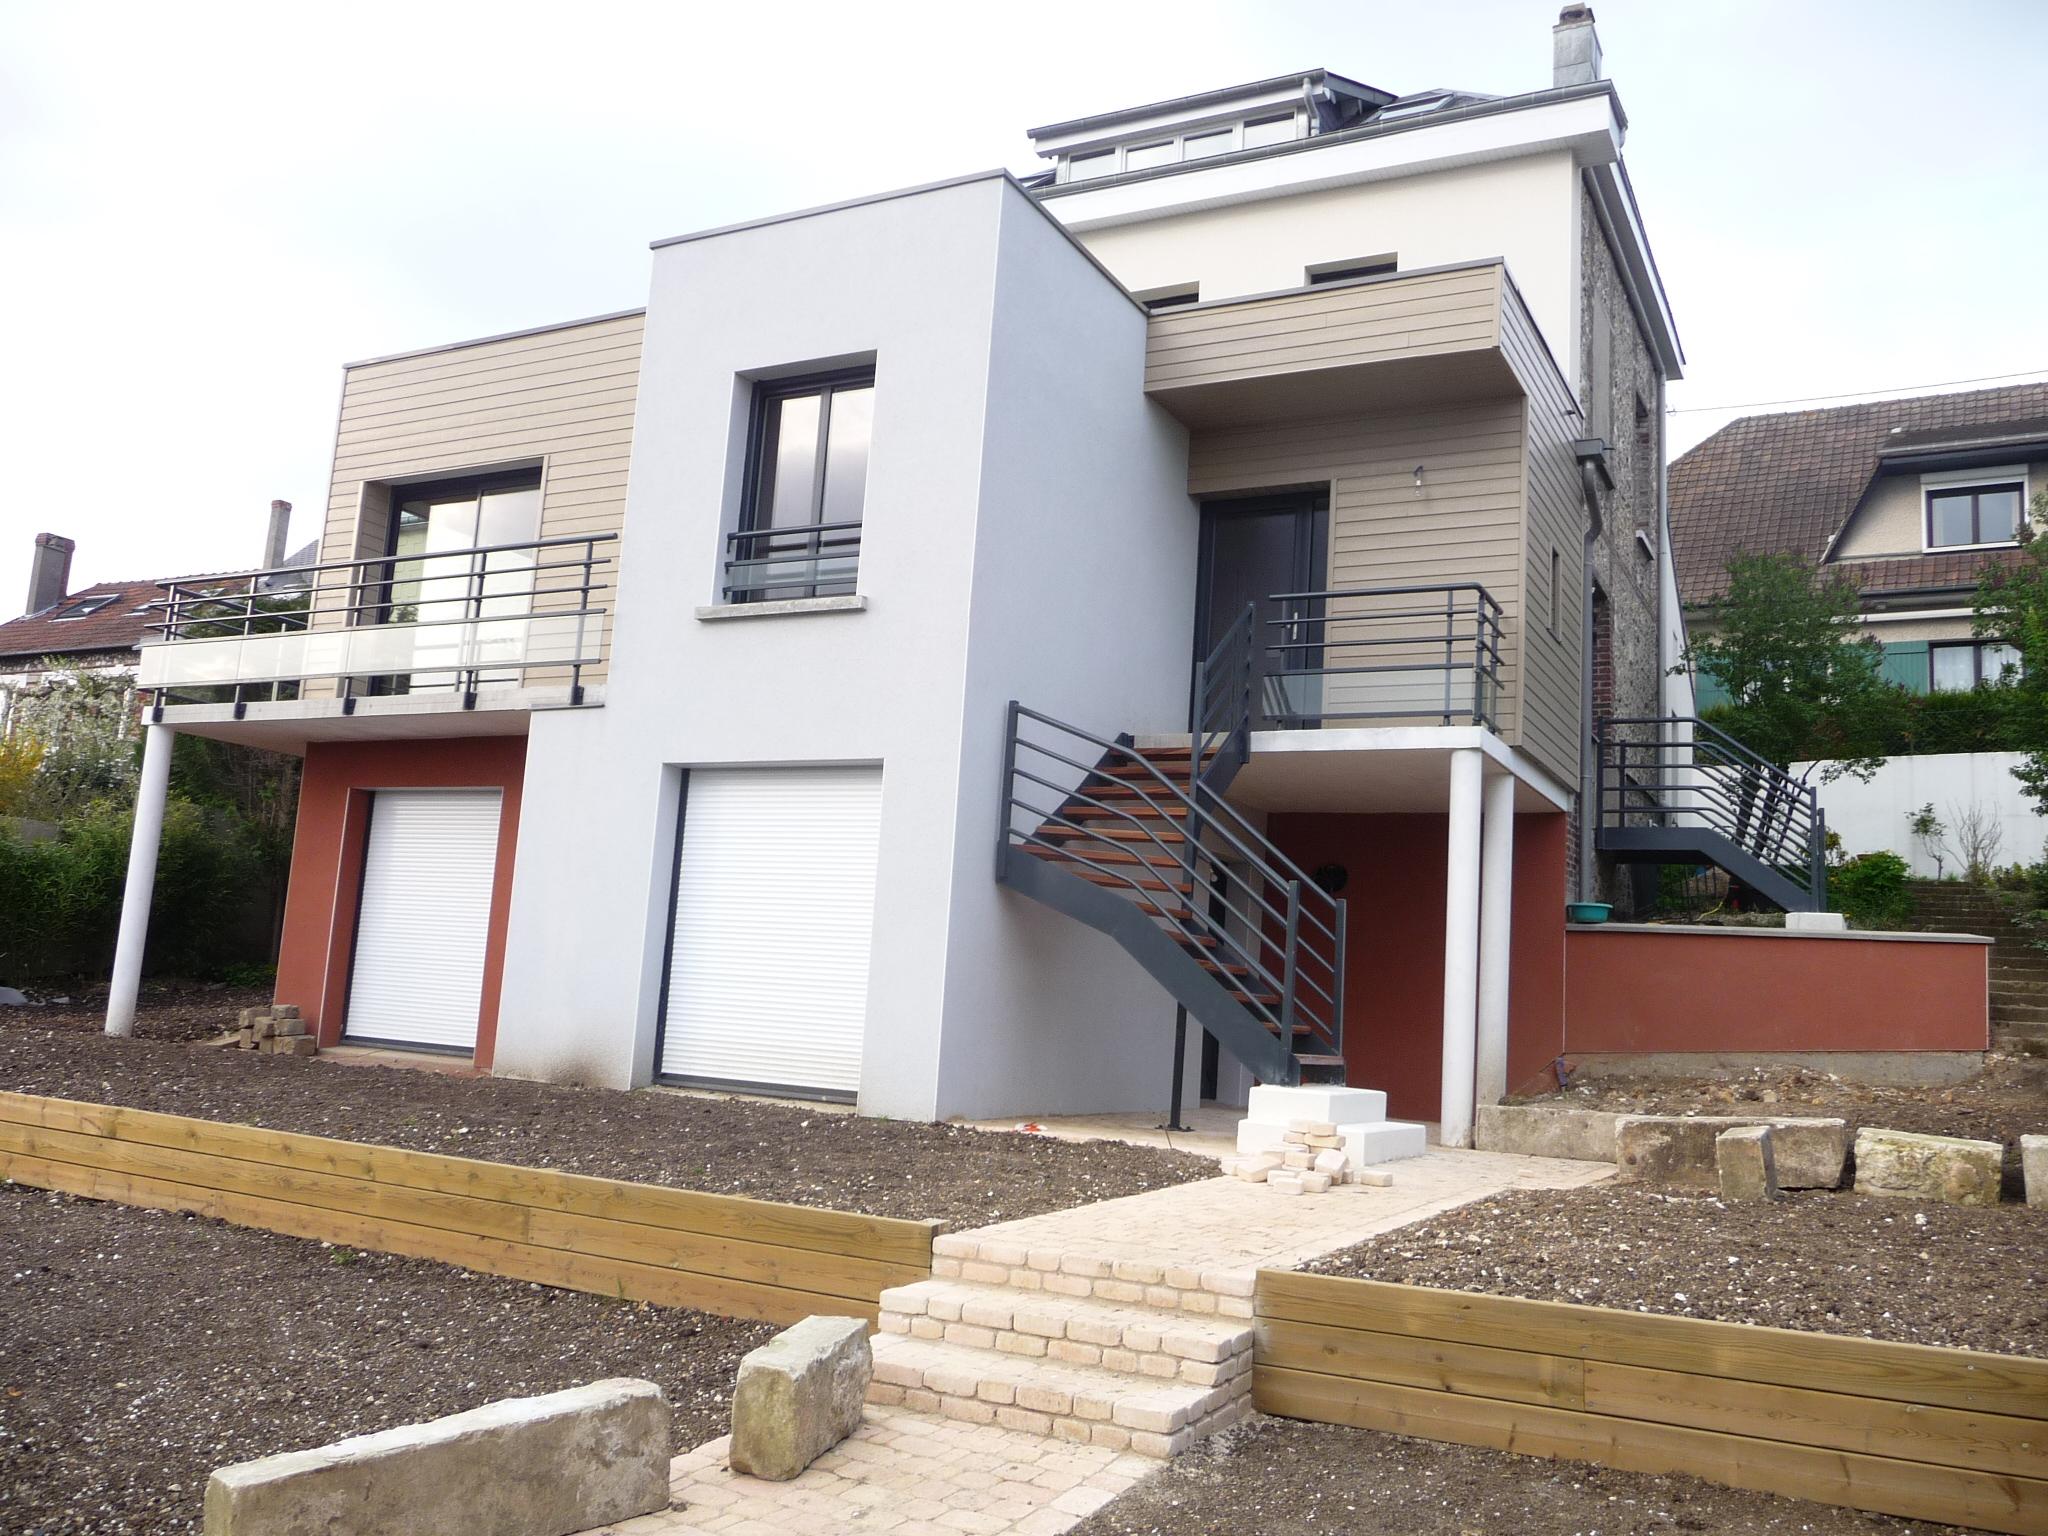 Restructuration, rénovation extérieure et agrandissement d'une maison individuelle à Bois Guillaume